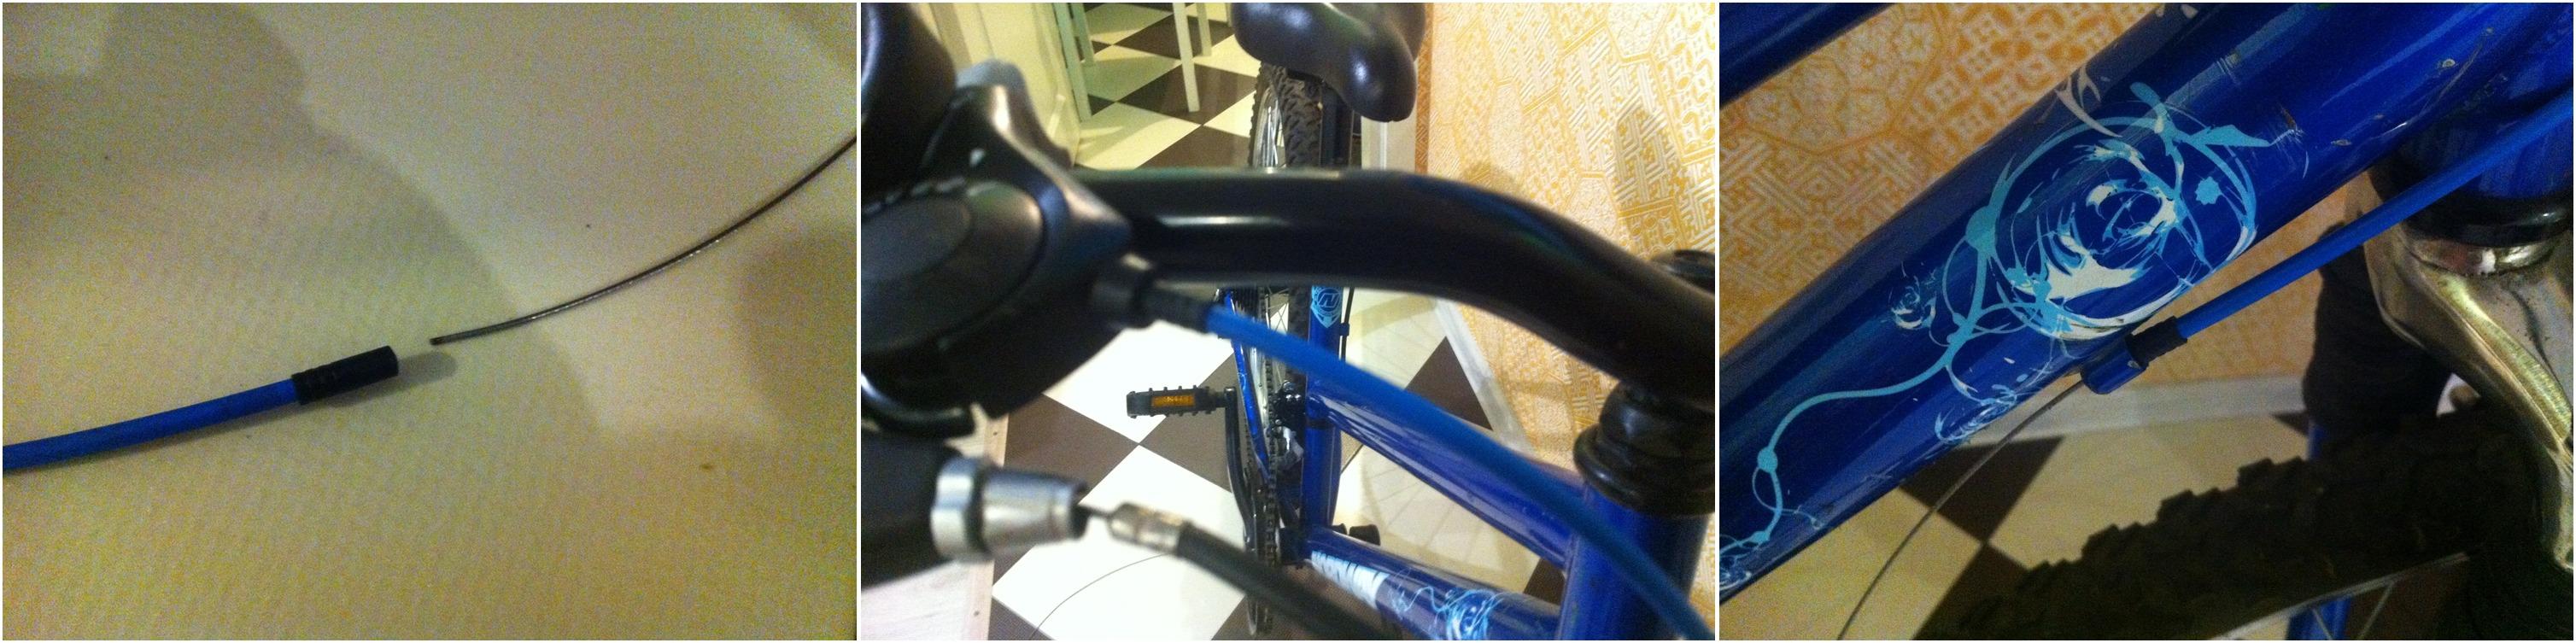 Как поменять тросик переключения скоростей на велосипеде 56